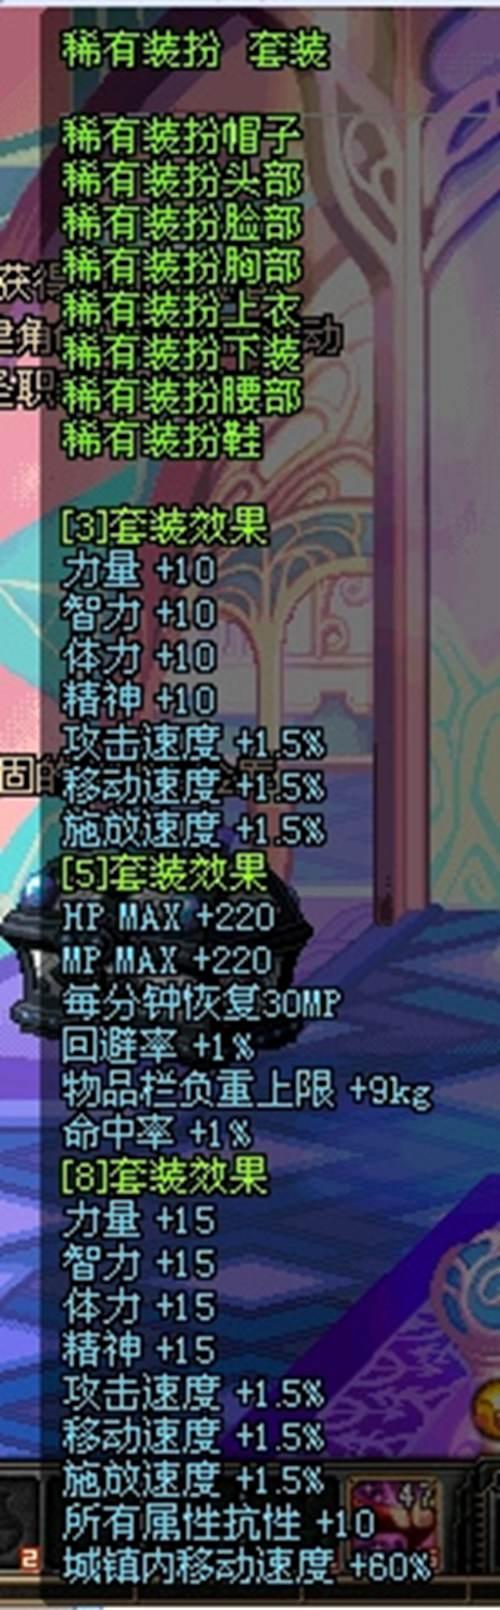 DNF历代天空套大全_WWW.XUNWANGBA.COM